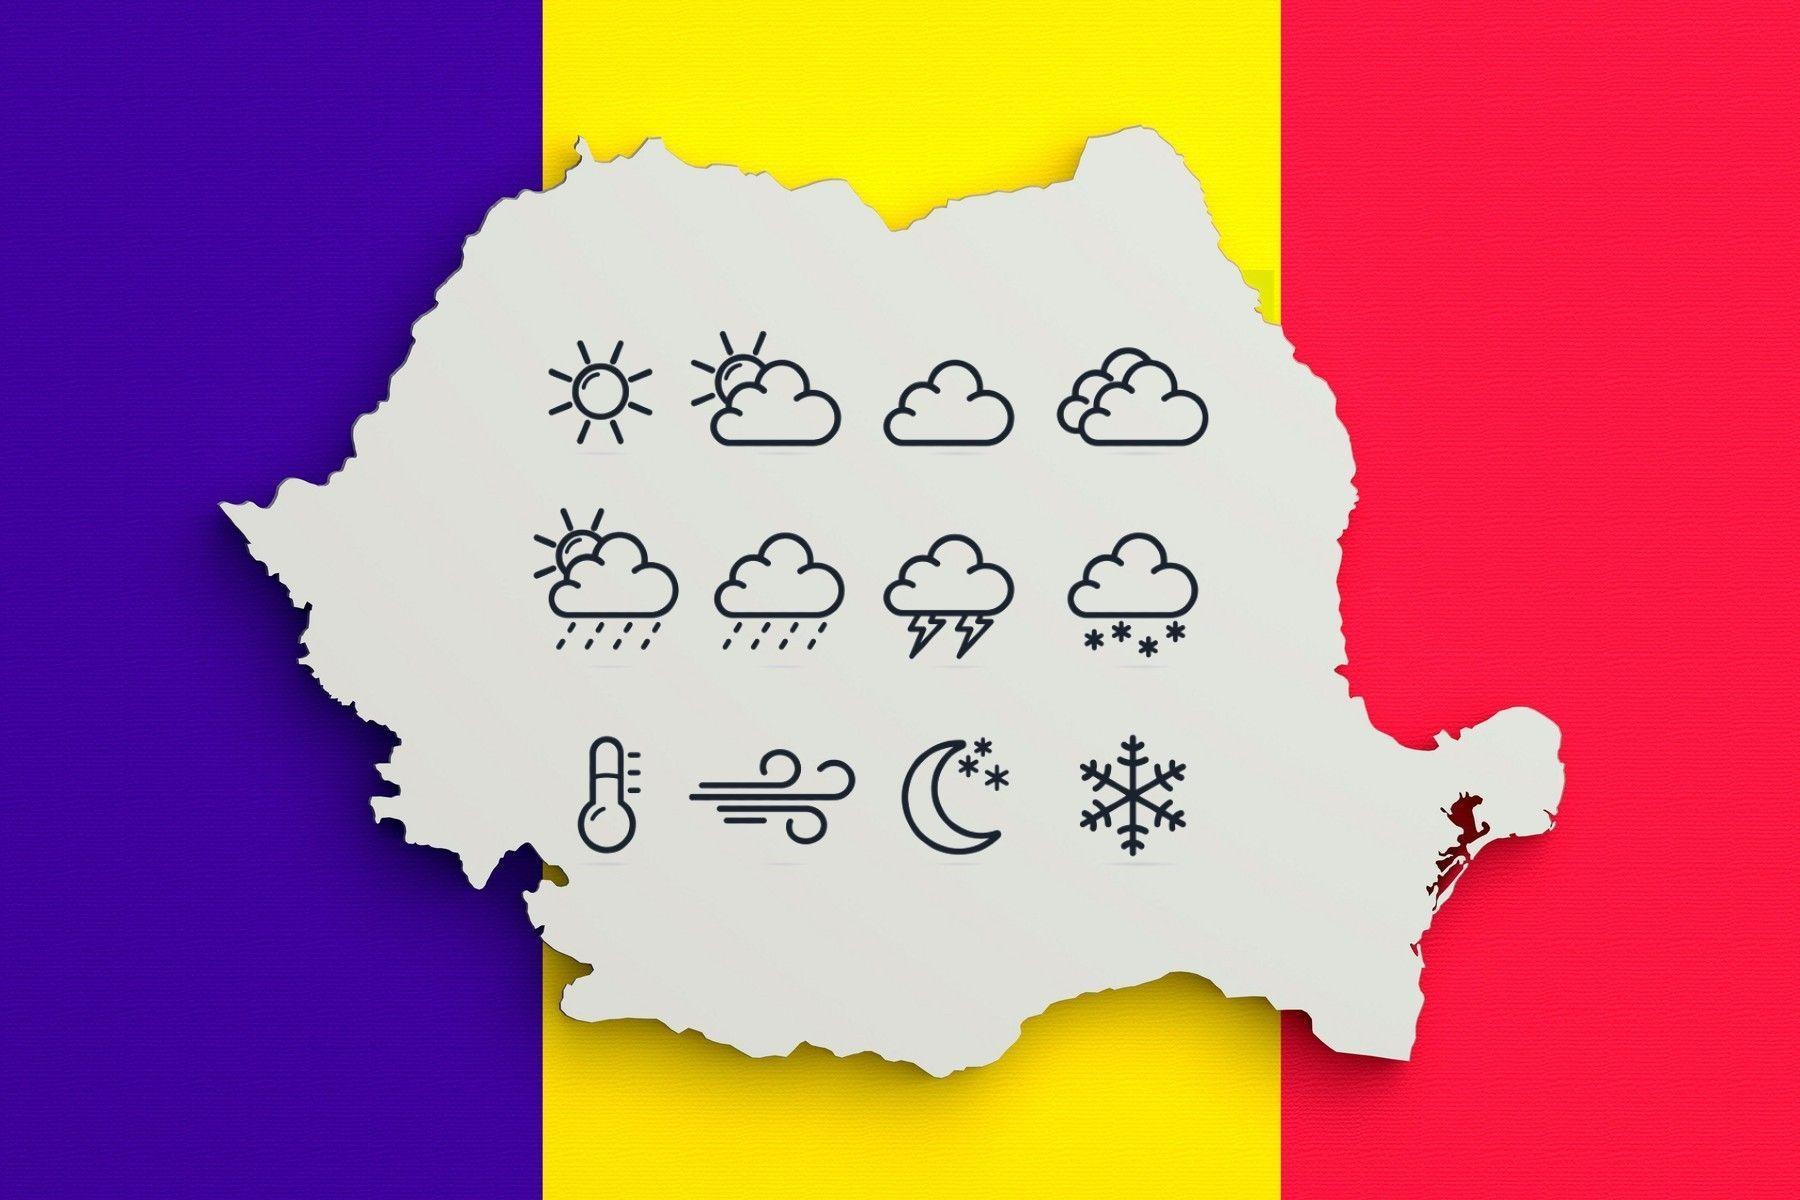 Prognoza meteo 24 septembrie 2021. Cum e vremea în România și care sunt previziunile ANM pentru astăzi